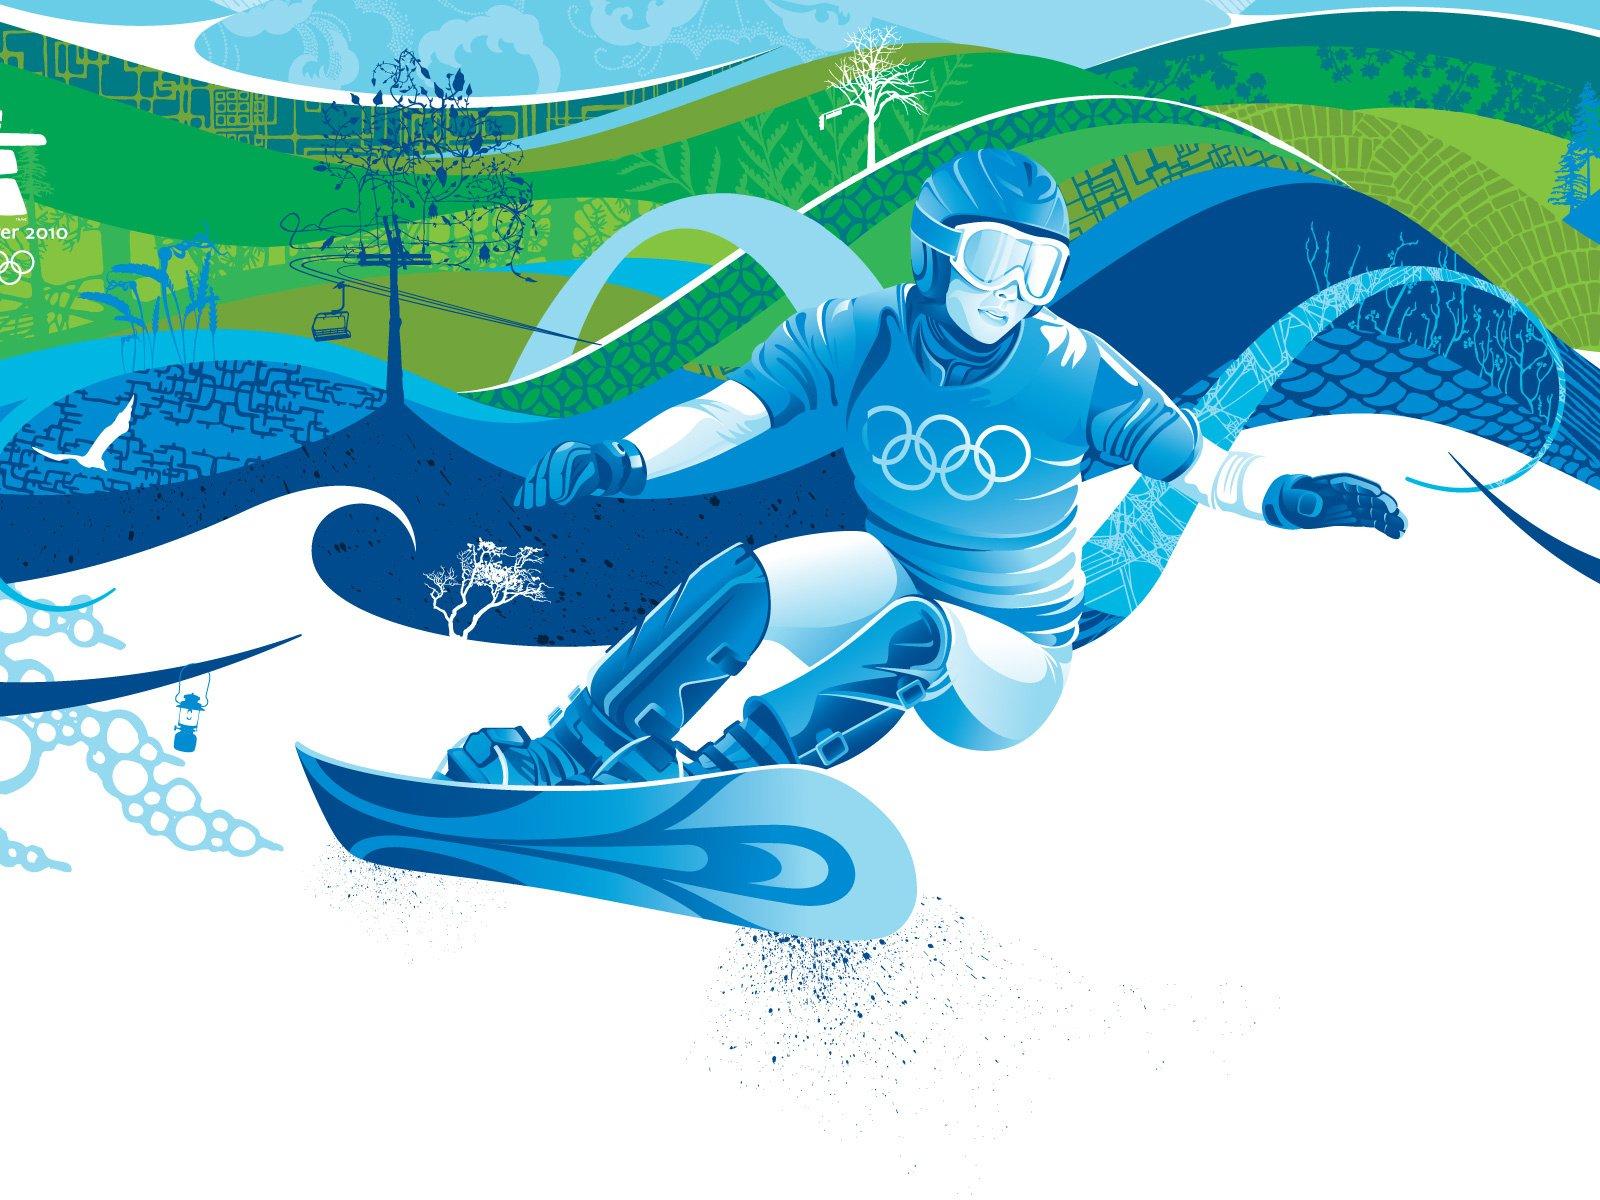 Картинки, открытка виды спорта